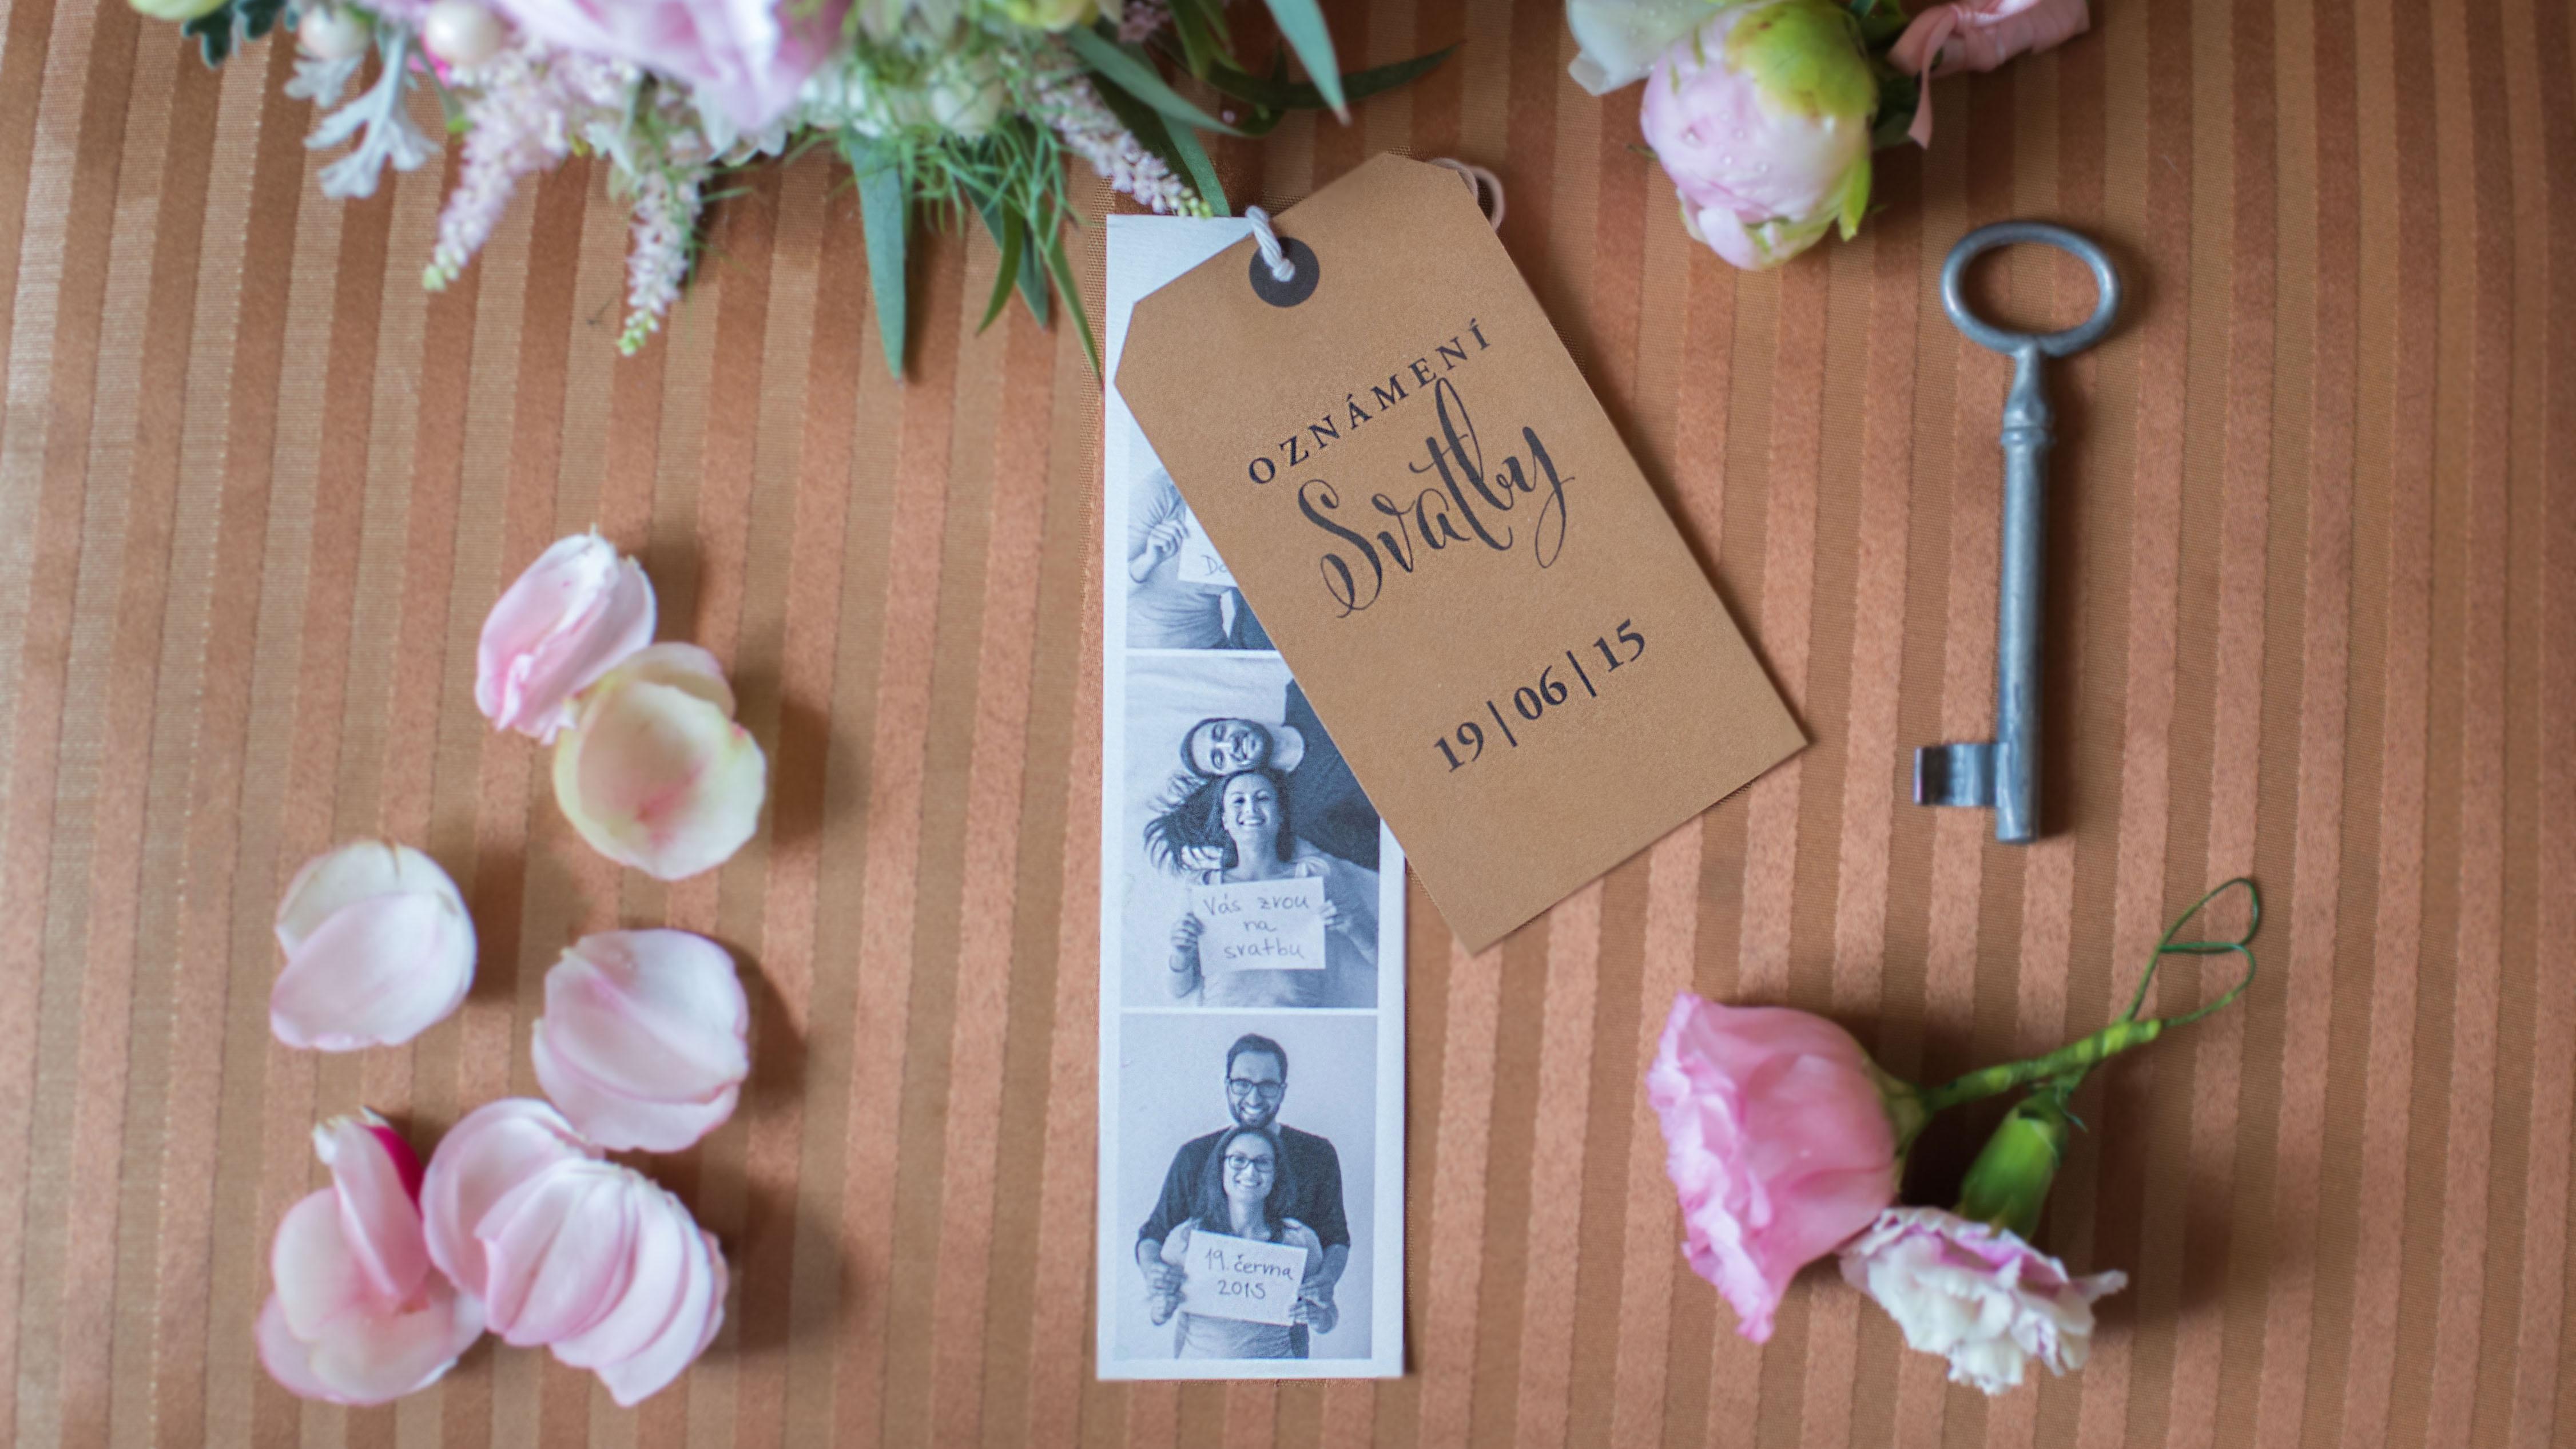 Netradiční svatební oznámení s fotko